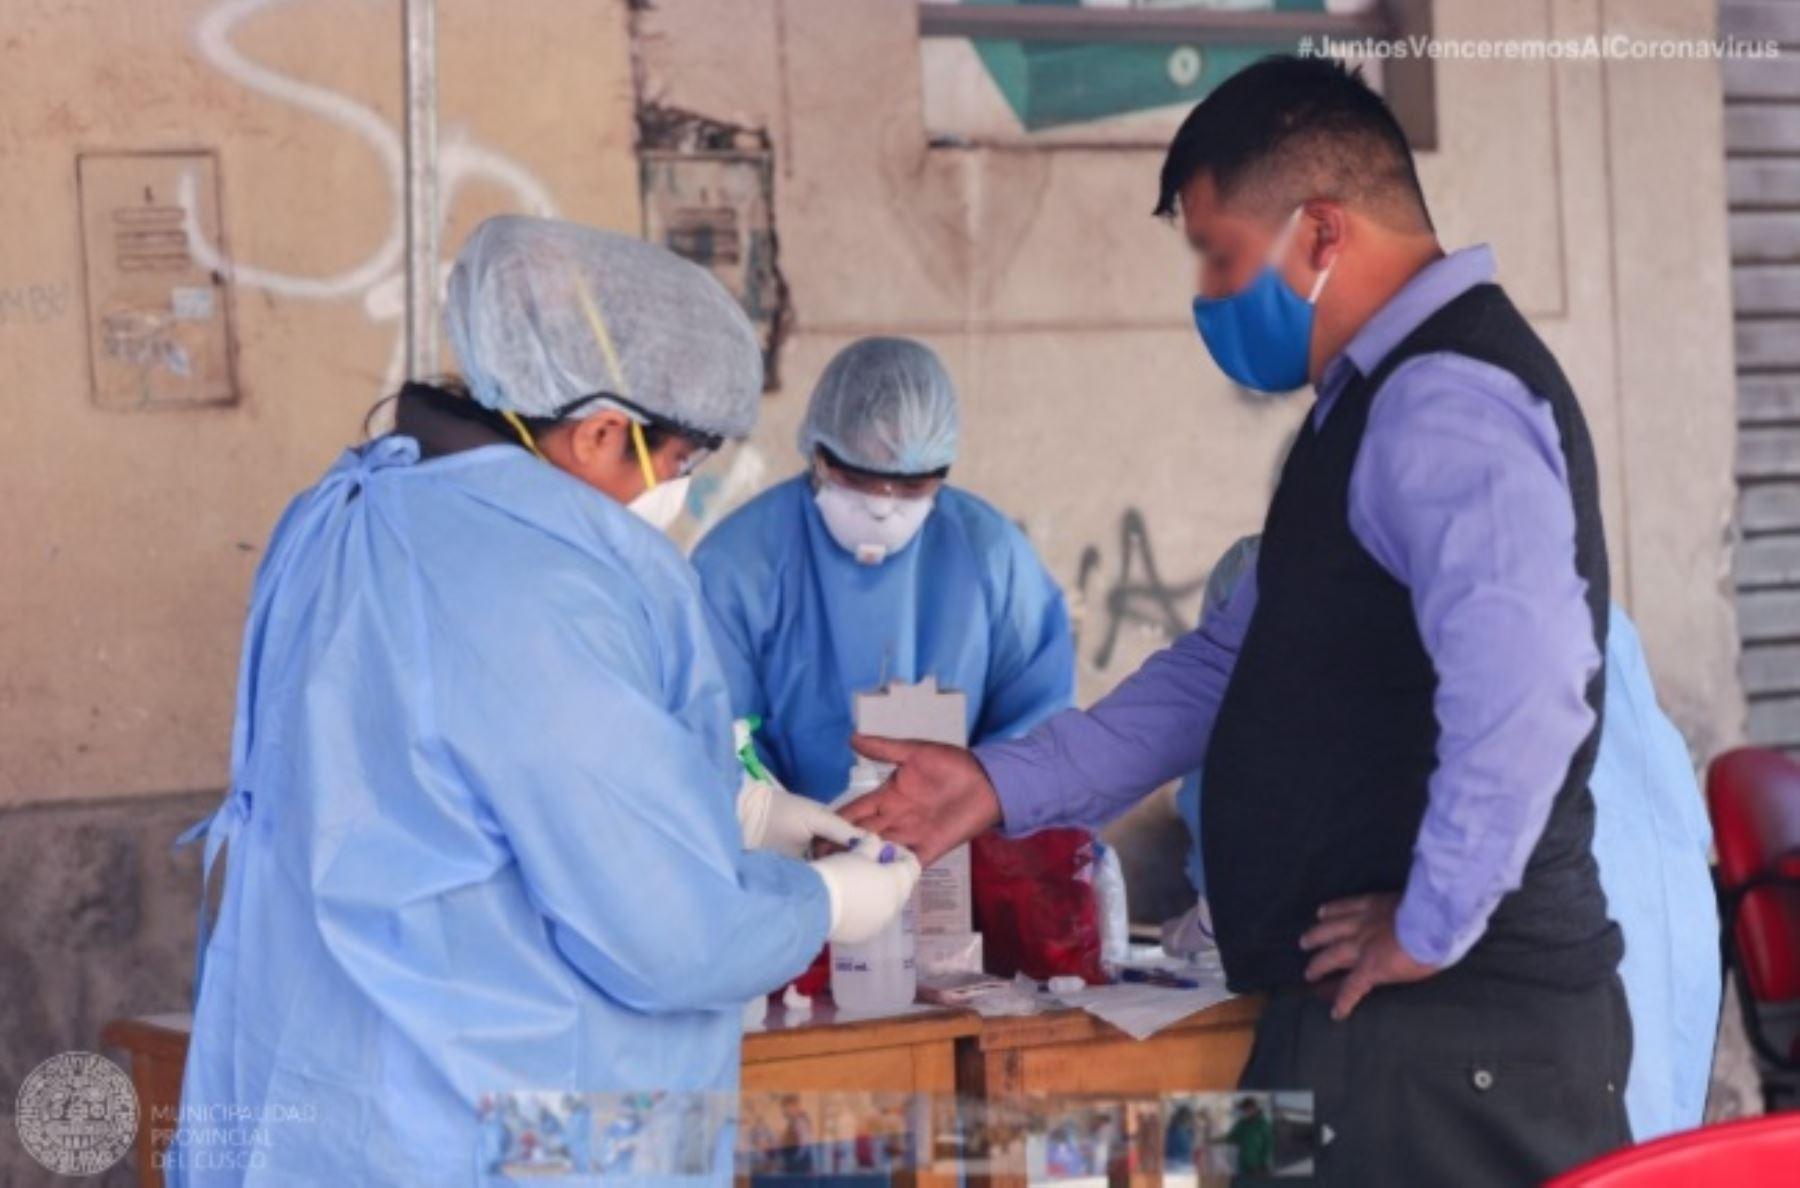 Cinco choferes y cobradores de transporte público urbano y tres conductores de taxi dieron positivo al covid-19 durante un tamizaje con pruebas rápidas realizada por la Dirección Regional de Salud (Diresa) de Cusco en la prolongación de la Av. De la Cultura, en la Ciudad Imperial.